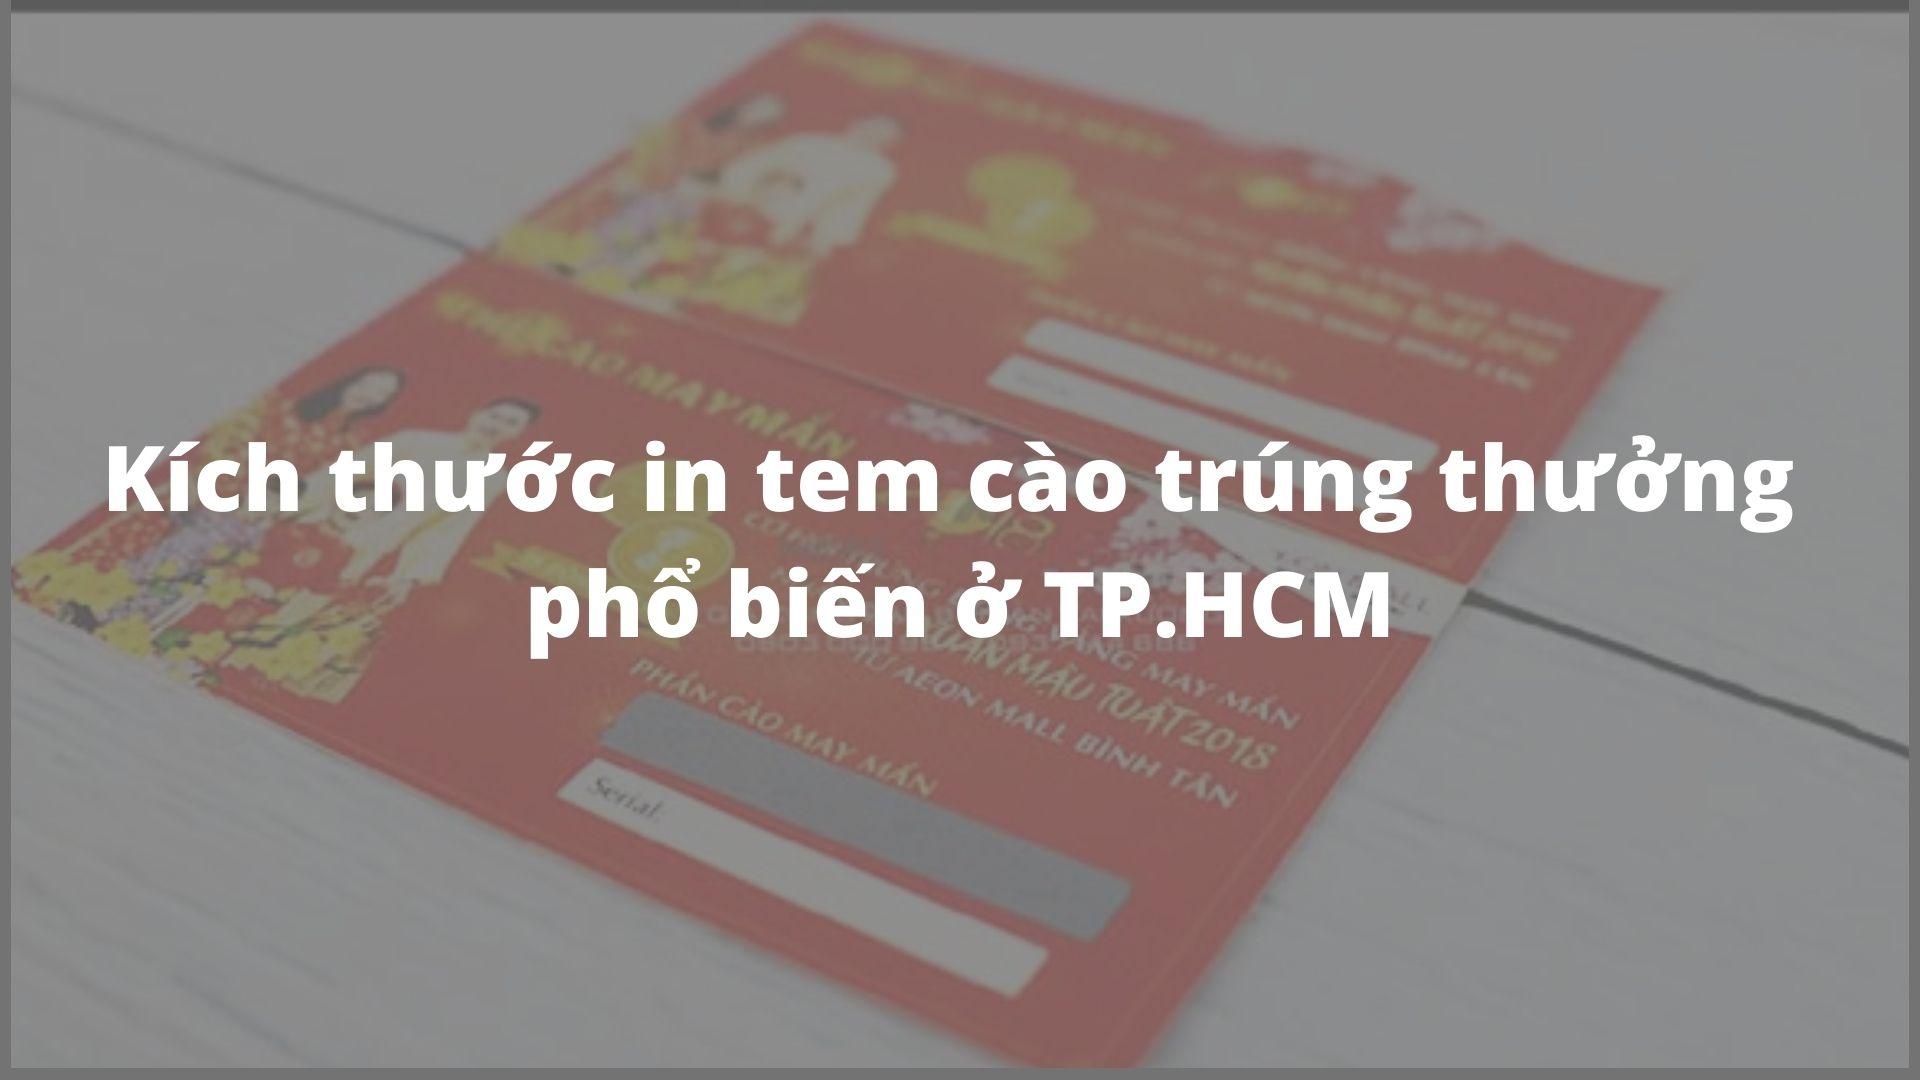 Kích thước in tem cào trúng thưởng phổ biến ở TP.HCM